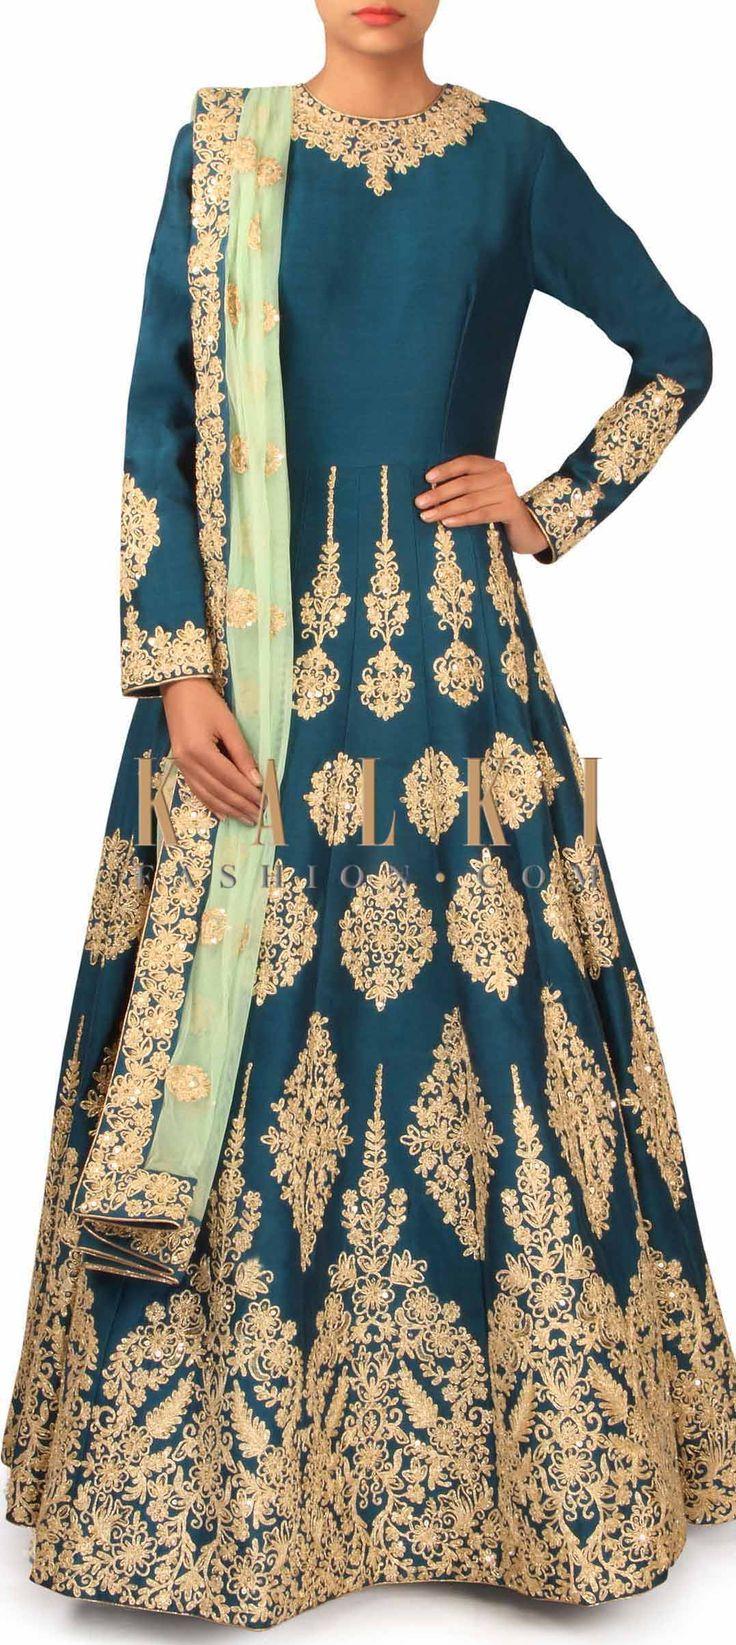 Teal blue anarkali suit embellished in zari only on Kalki